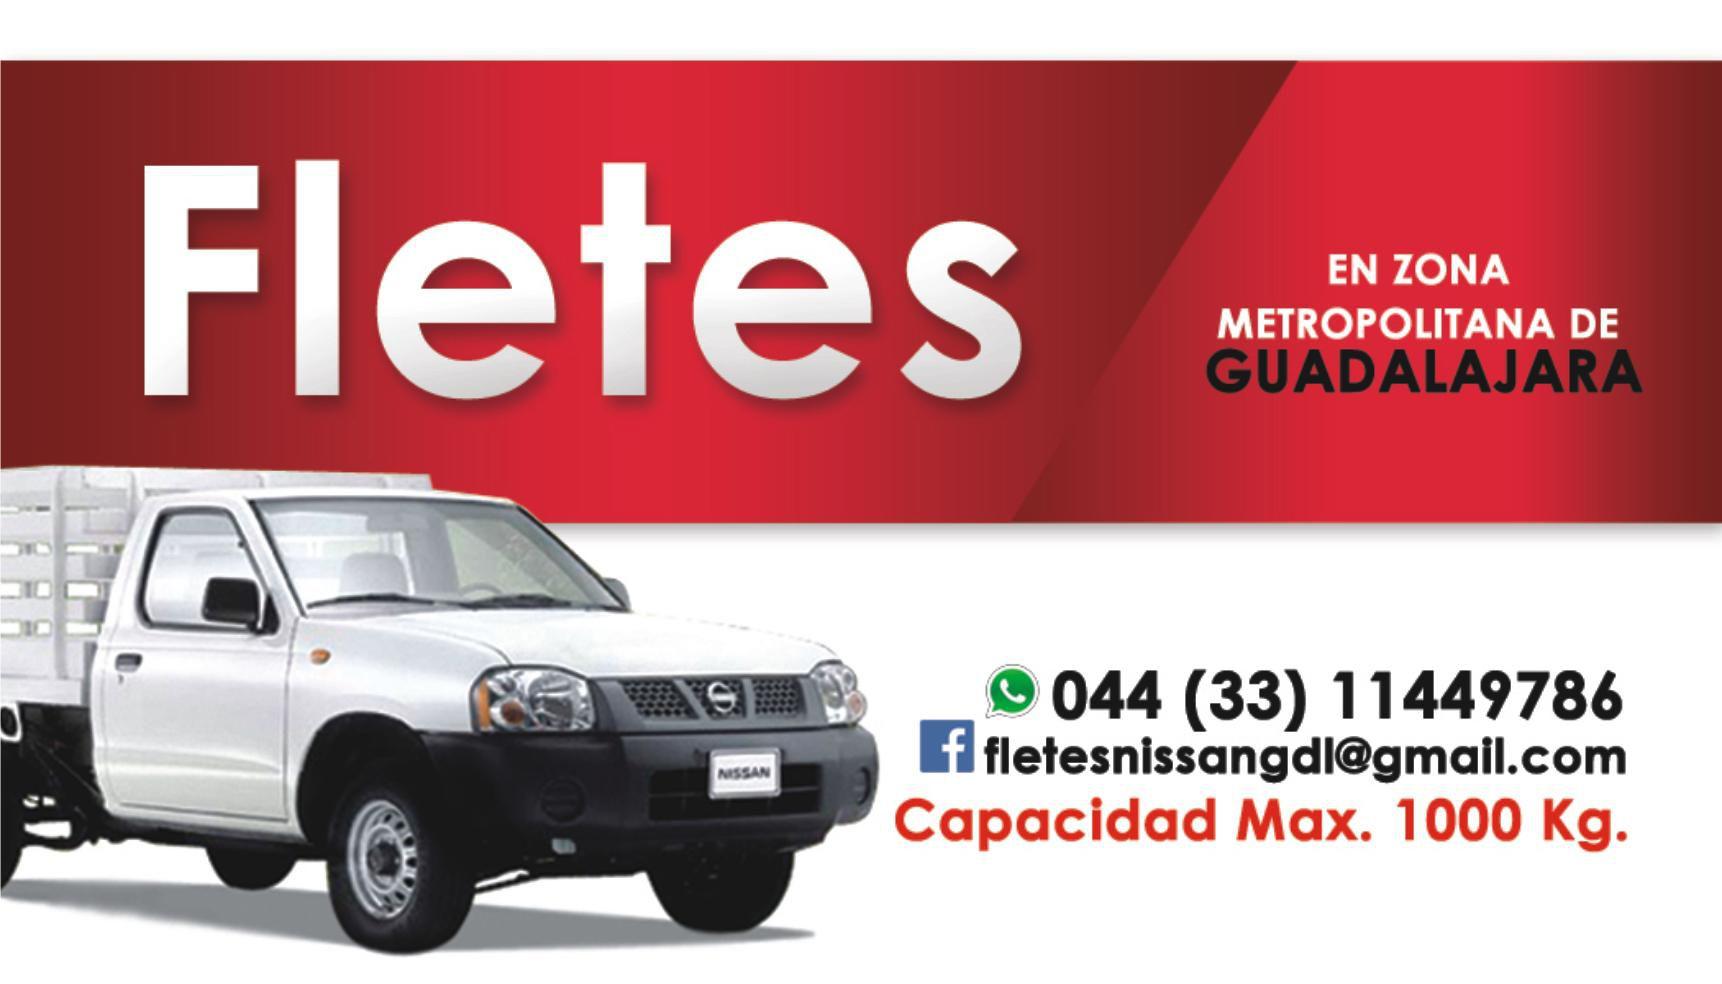 Servicios De Fletes Y Mudanzas Anunciosgratis Mx # Muebles Y Mudanzas